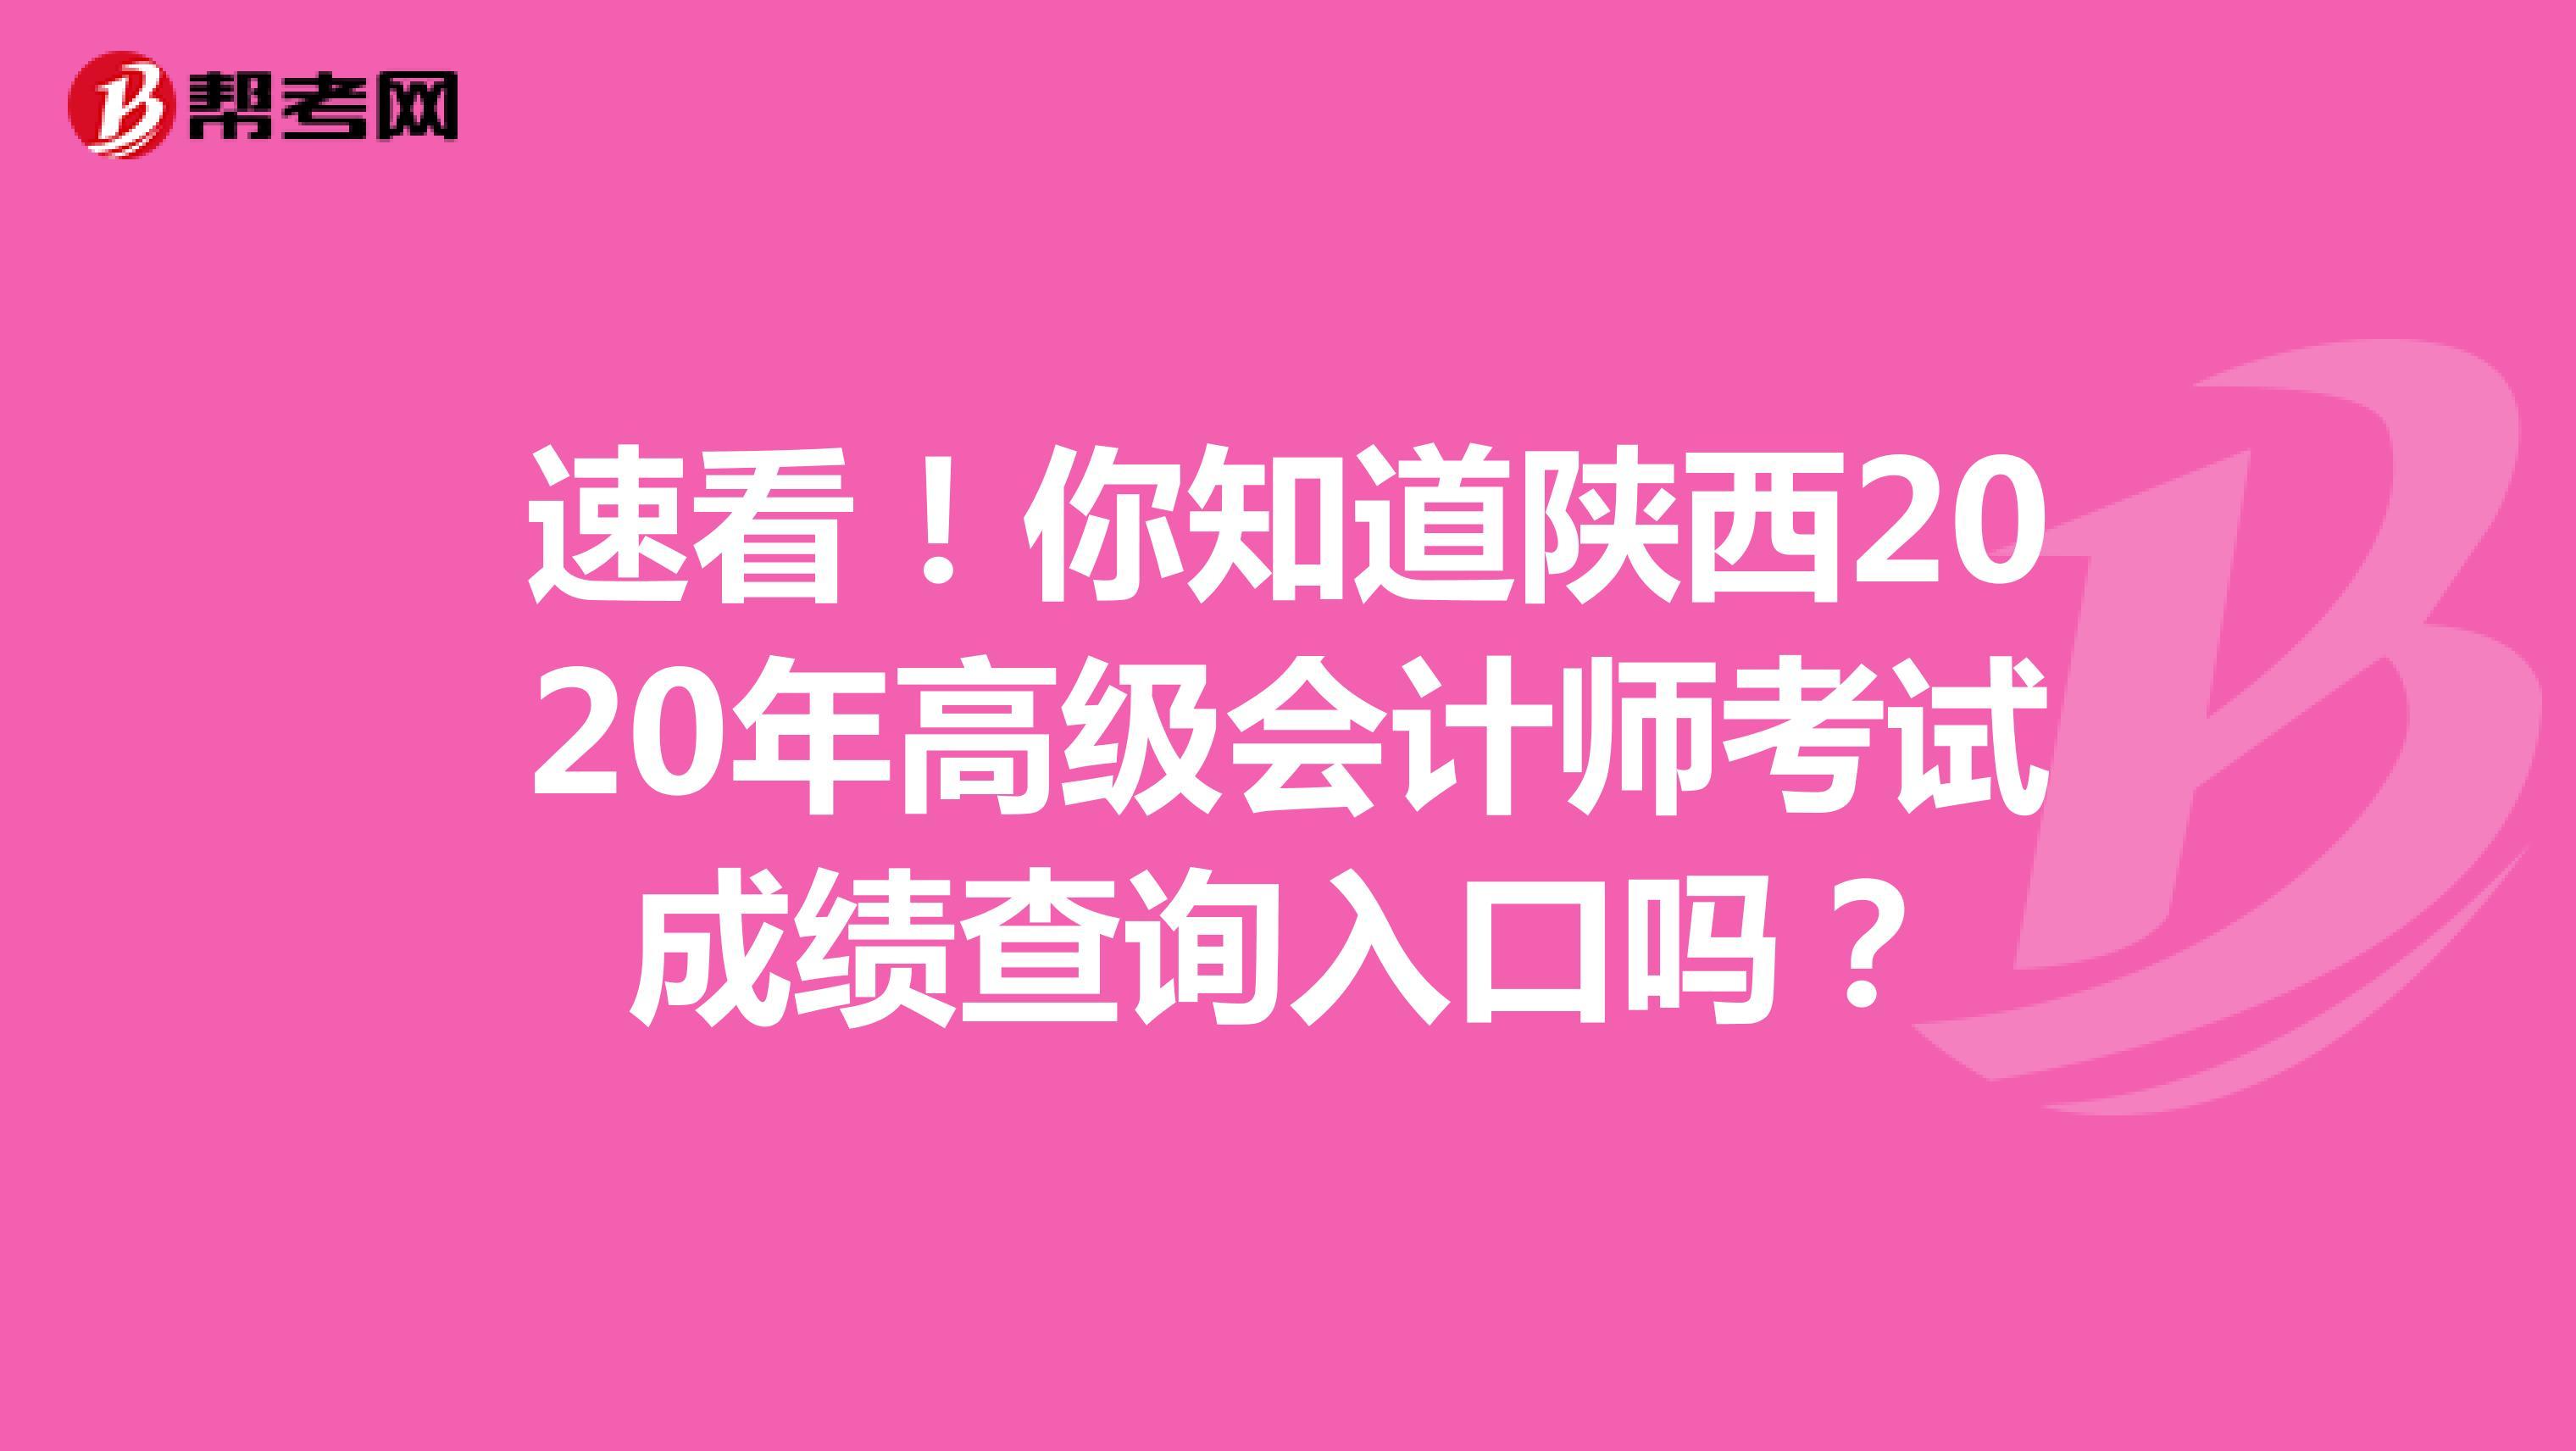 速看!你知道陕西2020年高级下载雷火电竞查询入口吗?